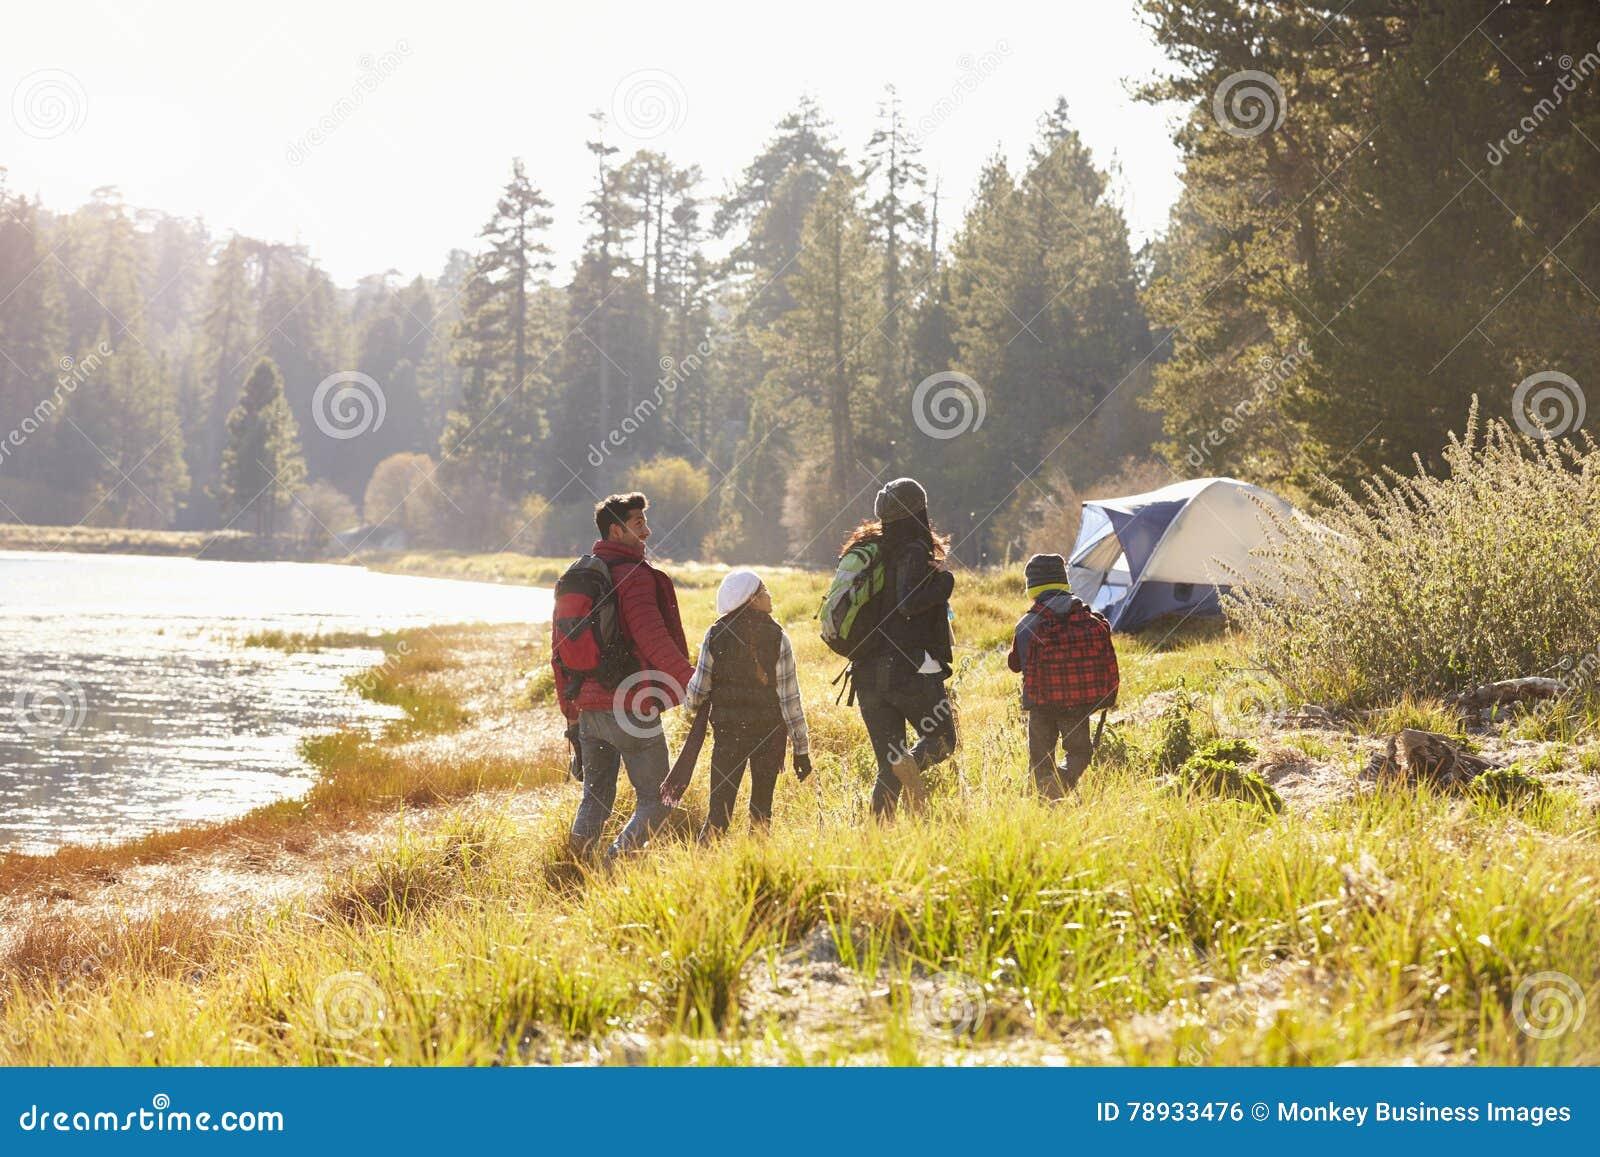 Οικογένεια σε ένα ταξίδι στρατοπέδευσης που περπατά κοντά σε μια λίμνη, πίσω άποψη